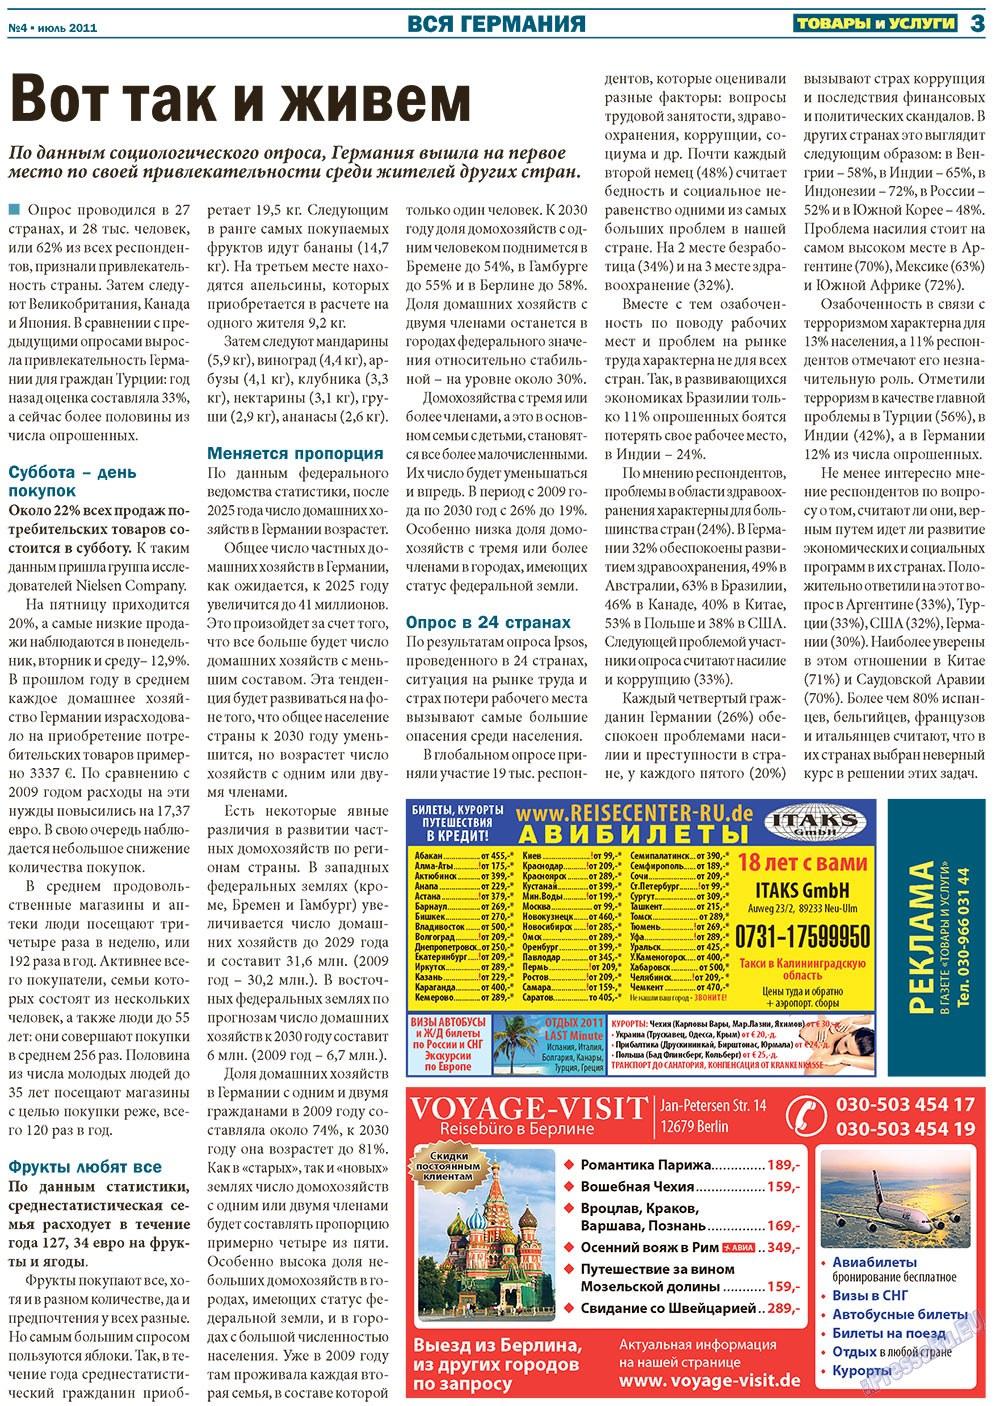 Товары и услуги (газета). 2011 год, номер 4, стр. 3